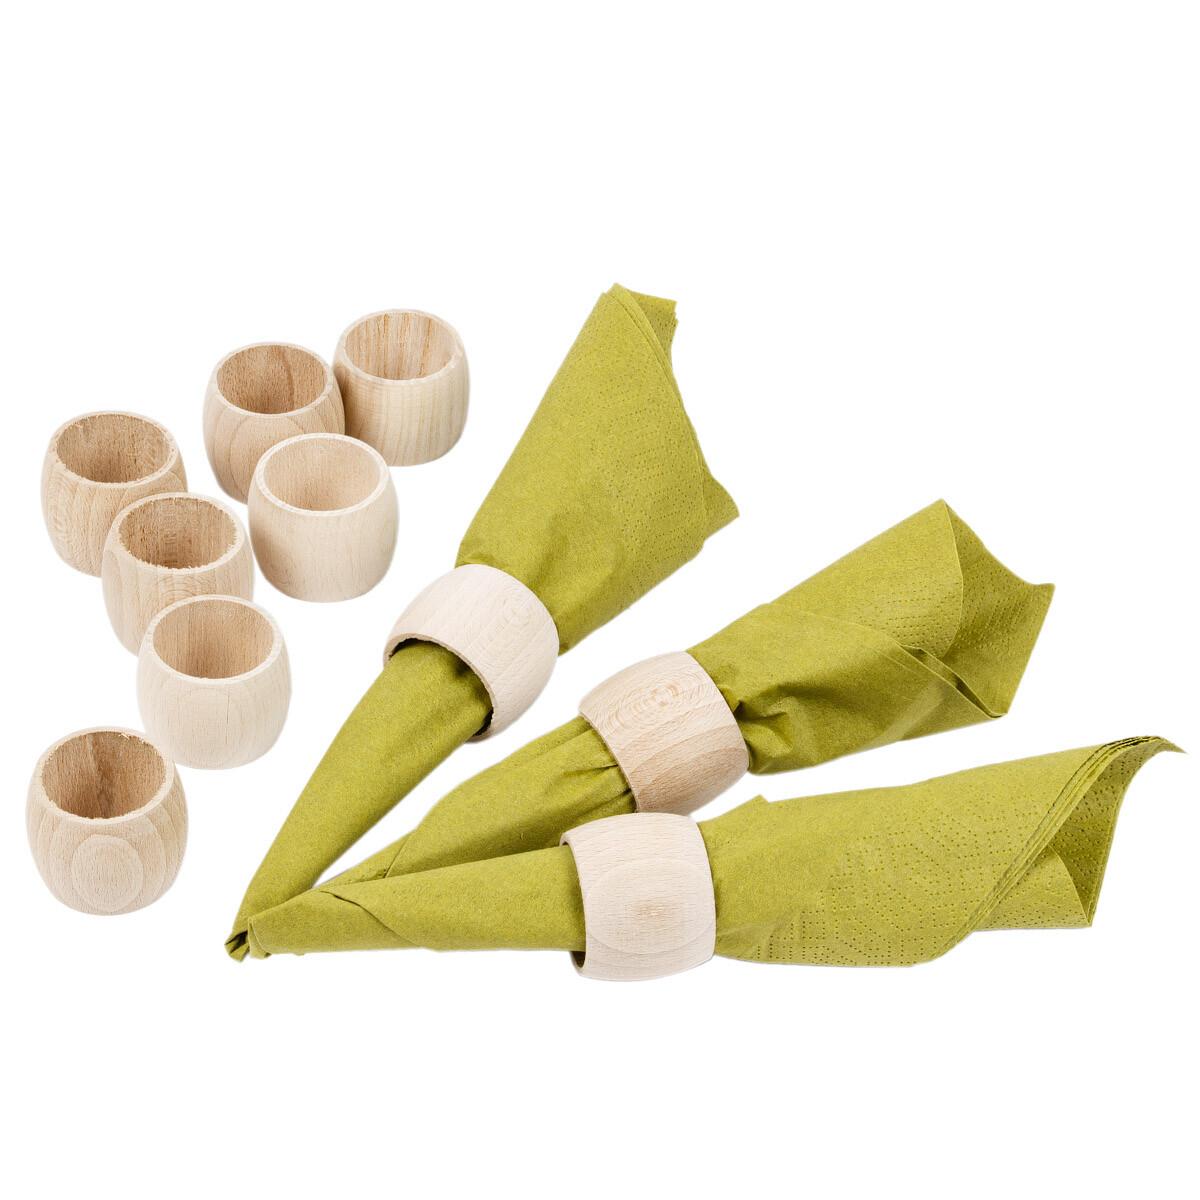 holz serviettenringe servietten halter durchmesser 32 mm. Black Bedroom Furniture Sets. Home Design Ideas